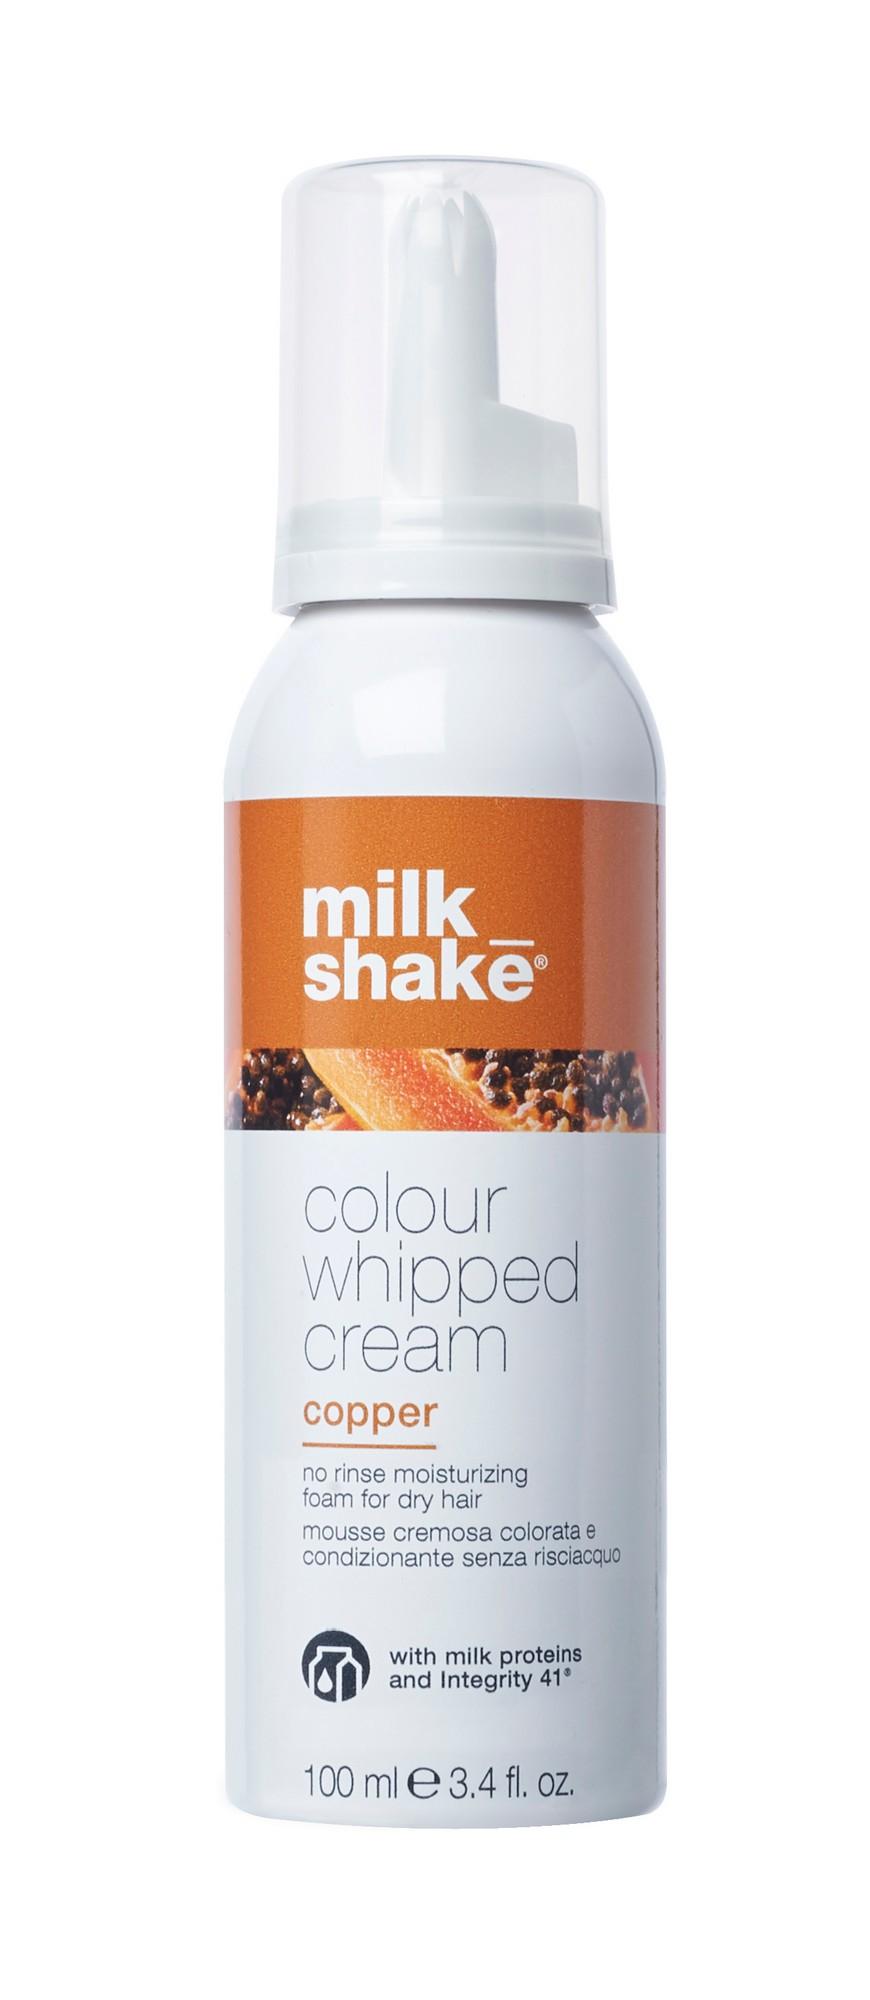 milk_shake - Colour Whipped Cream - Copper Copper